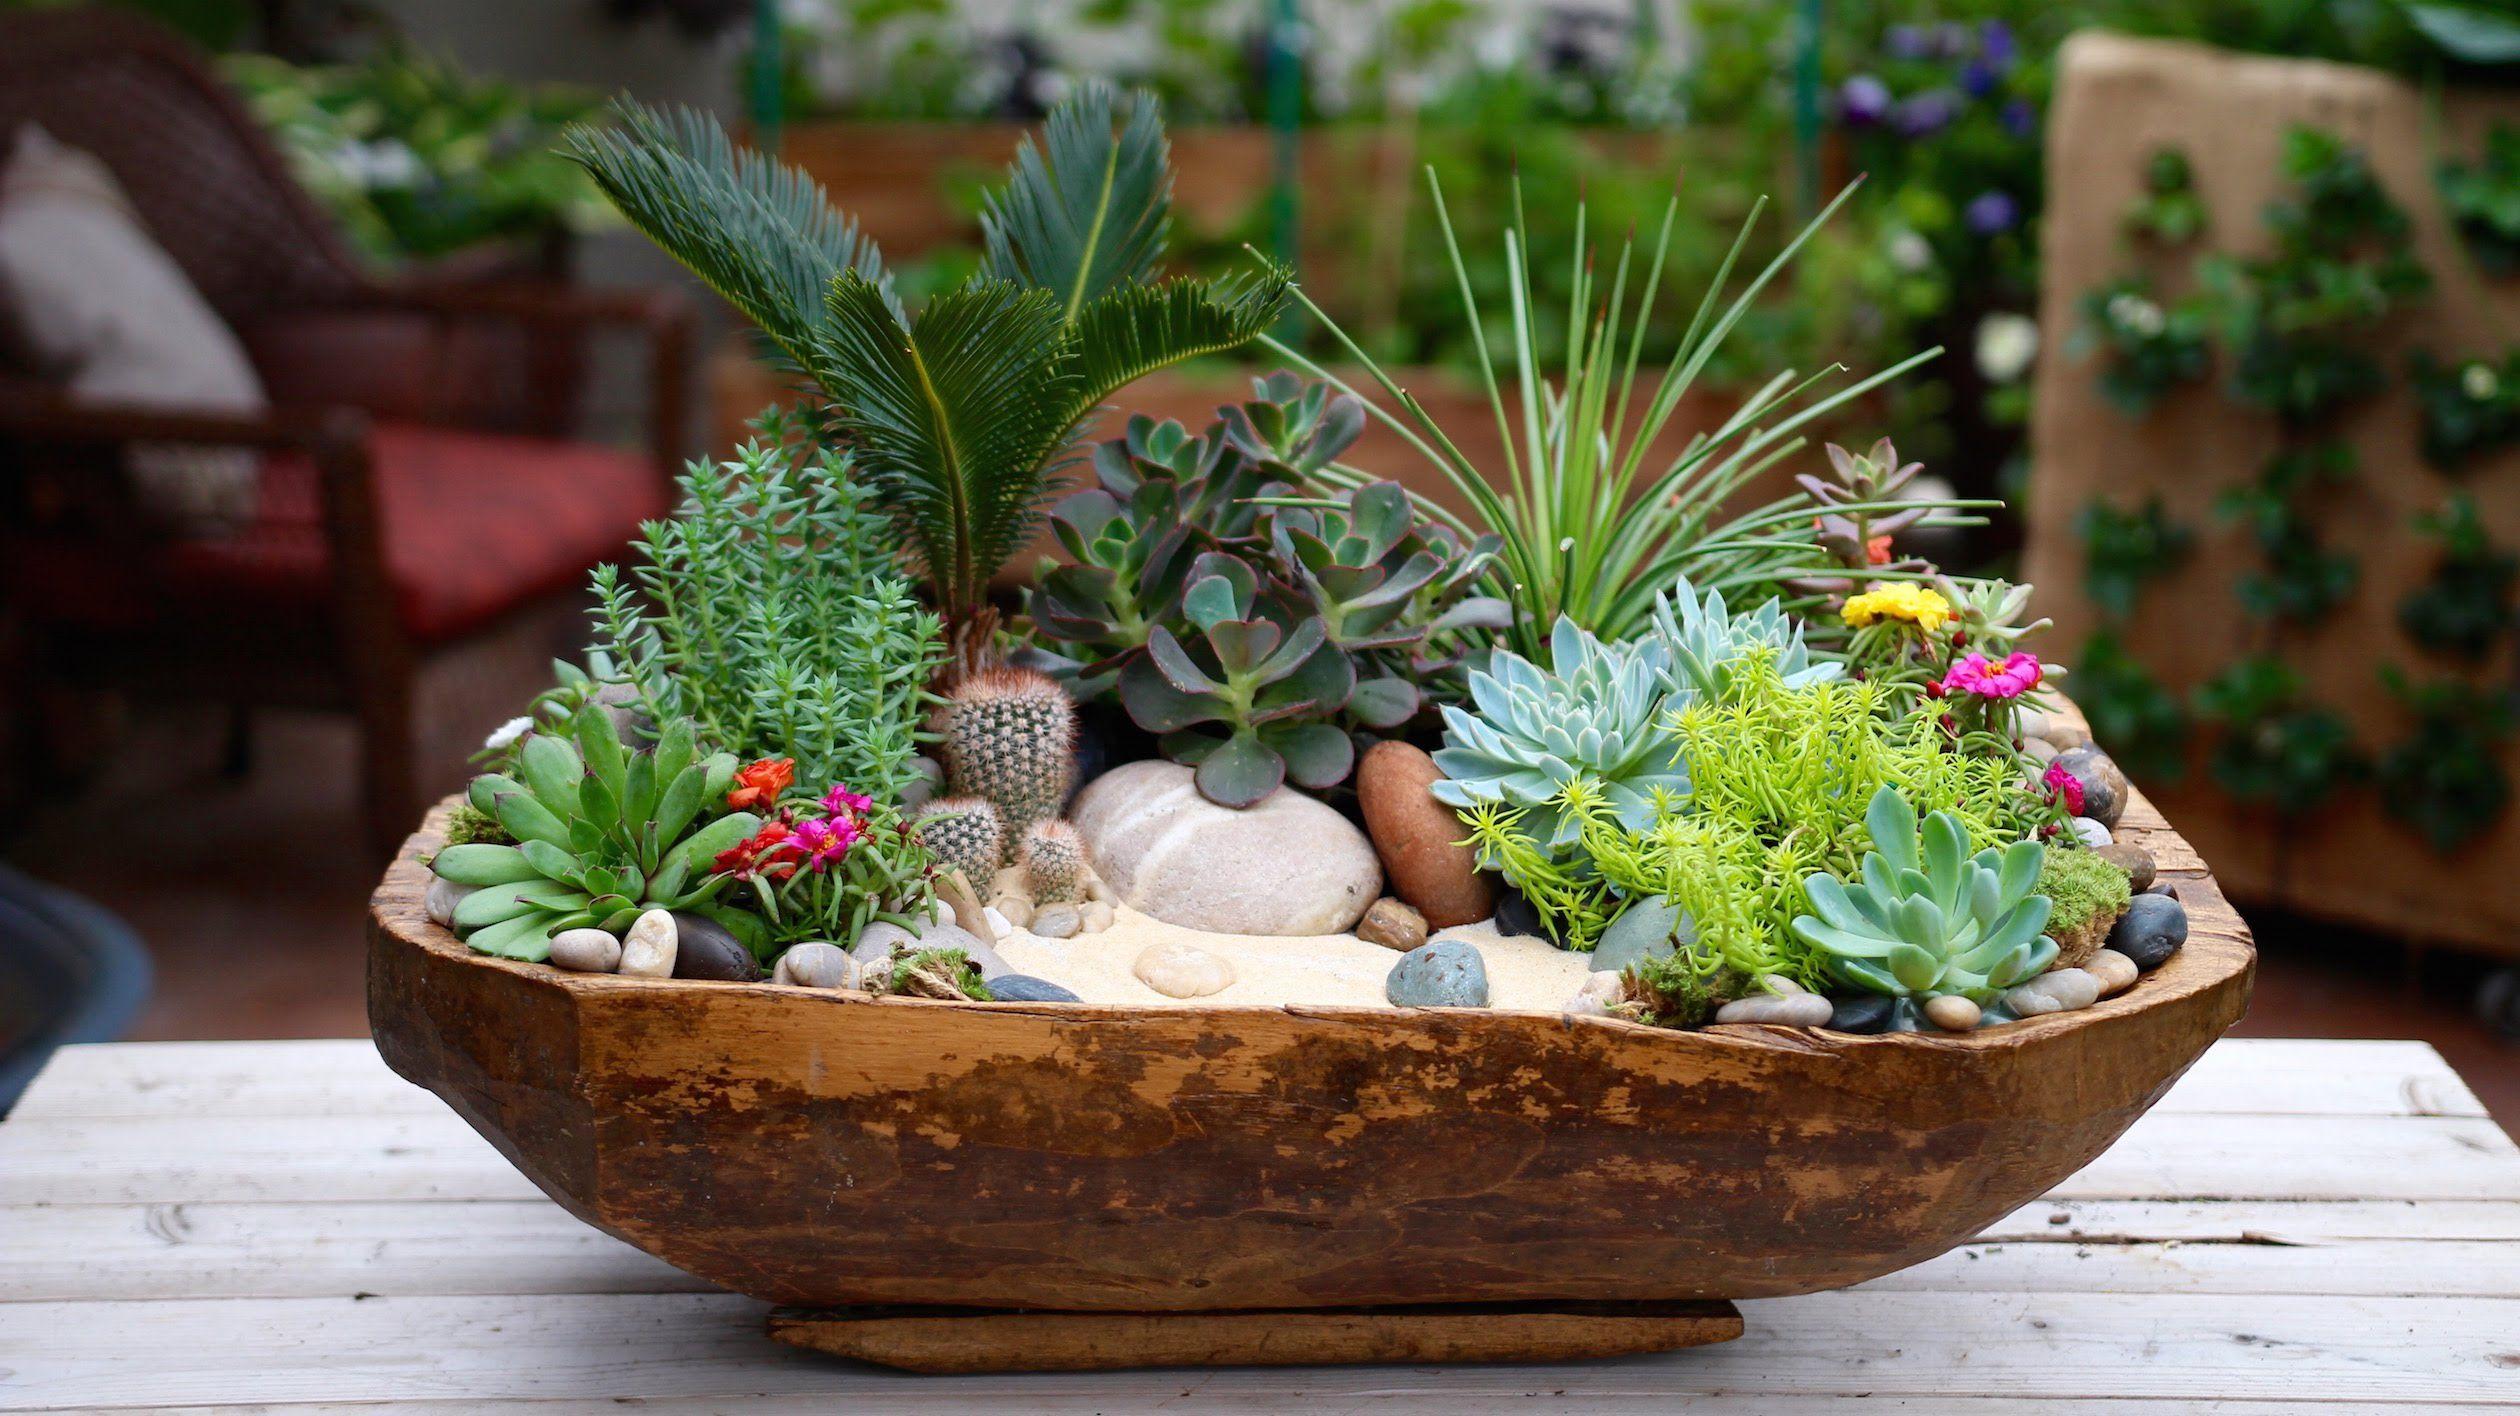 Minyatür Bahçe Yapımı Nasıl Yapılır Bitki Bahçe Bitkileri